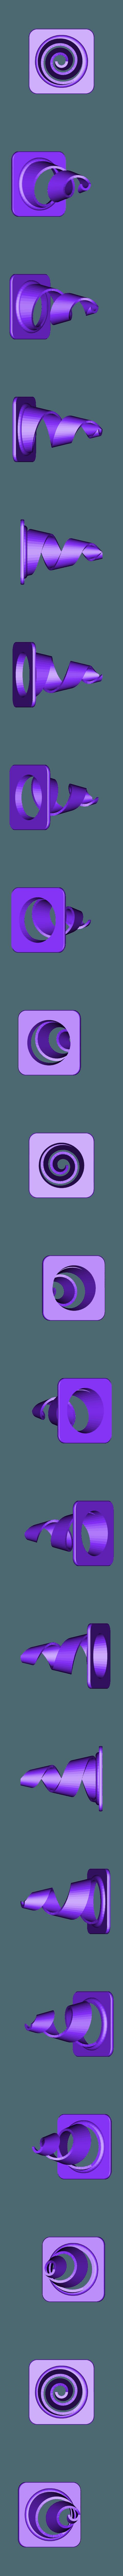 twist_cone_A.stl Télécharger fichier STL gratuit Collection de cônes de circulation de la mode • Design imprimable en 3D, Render